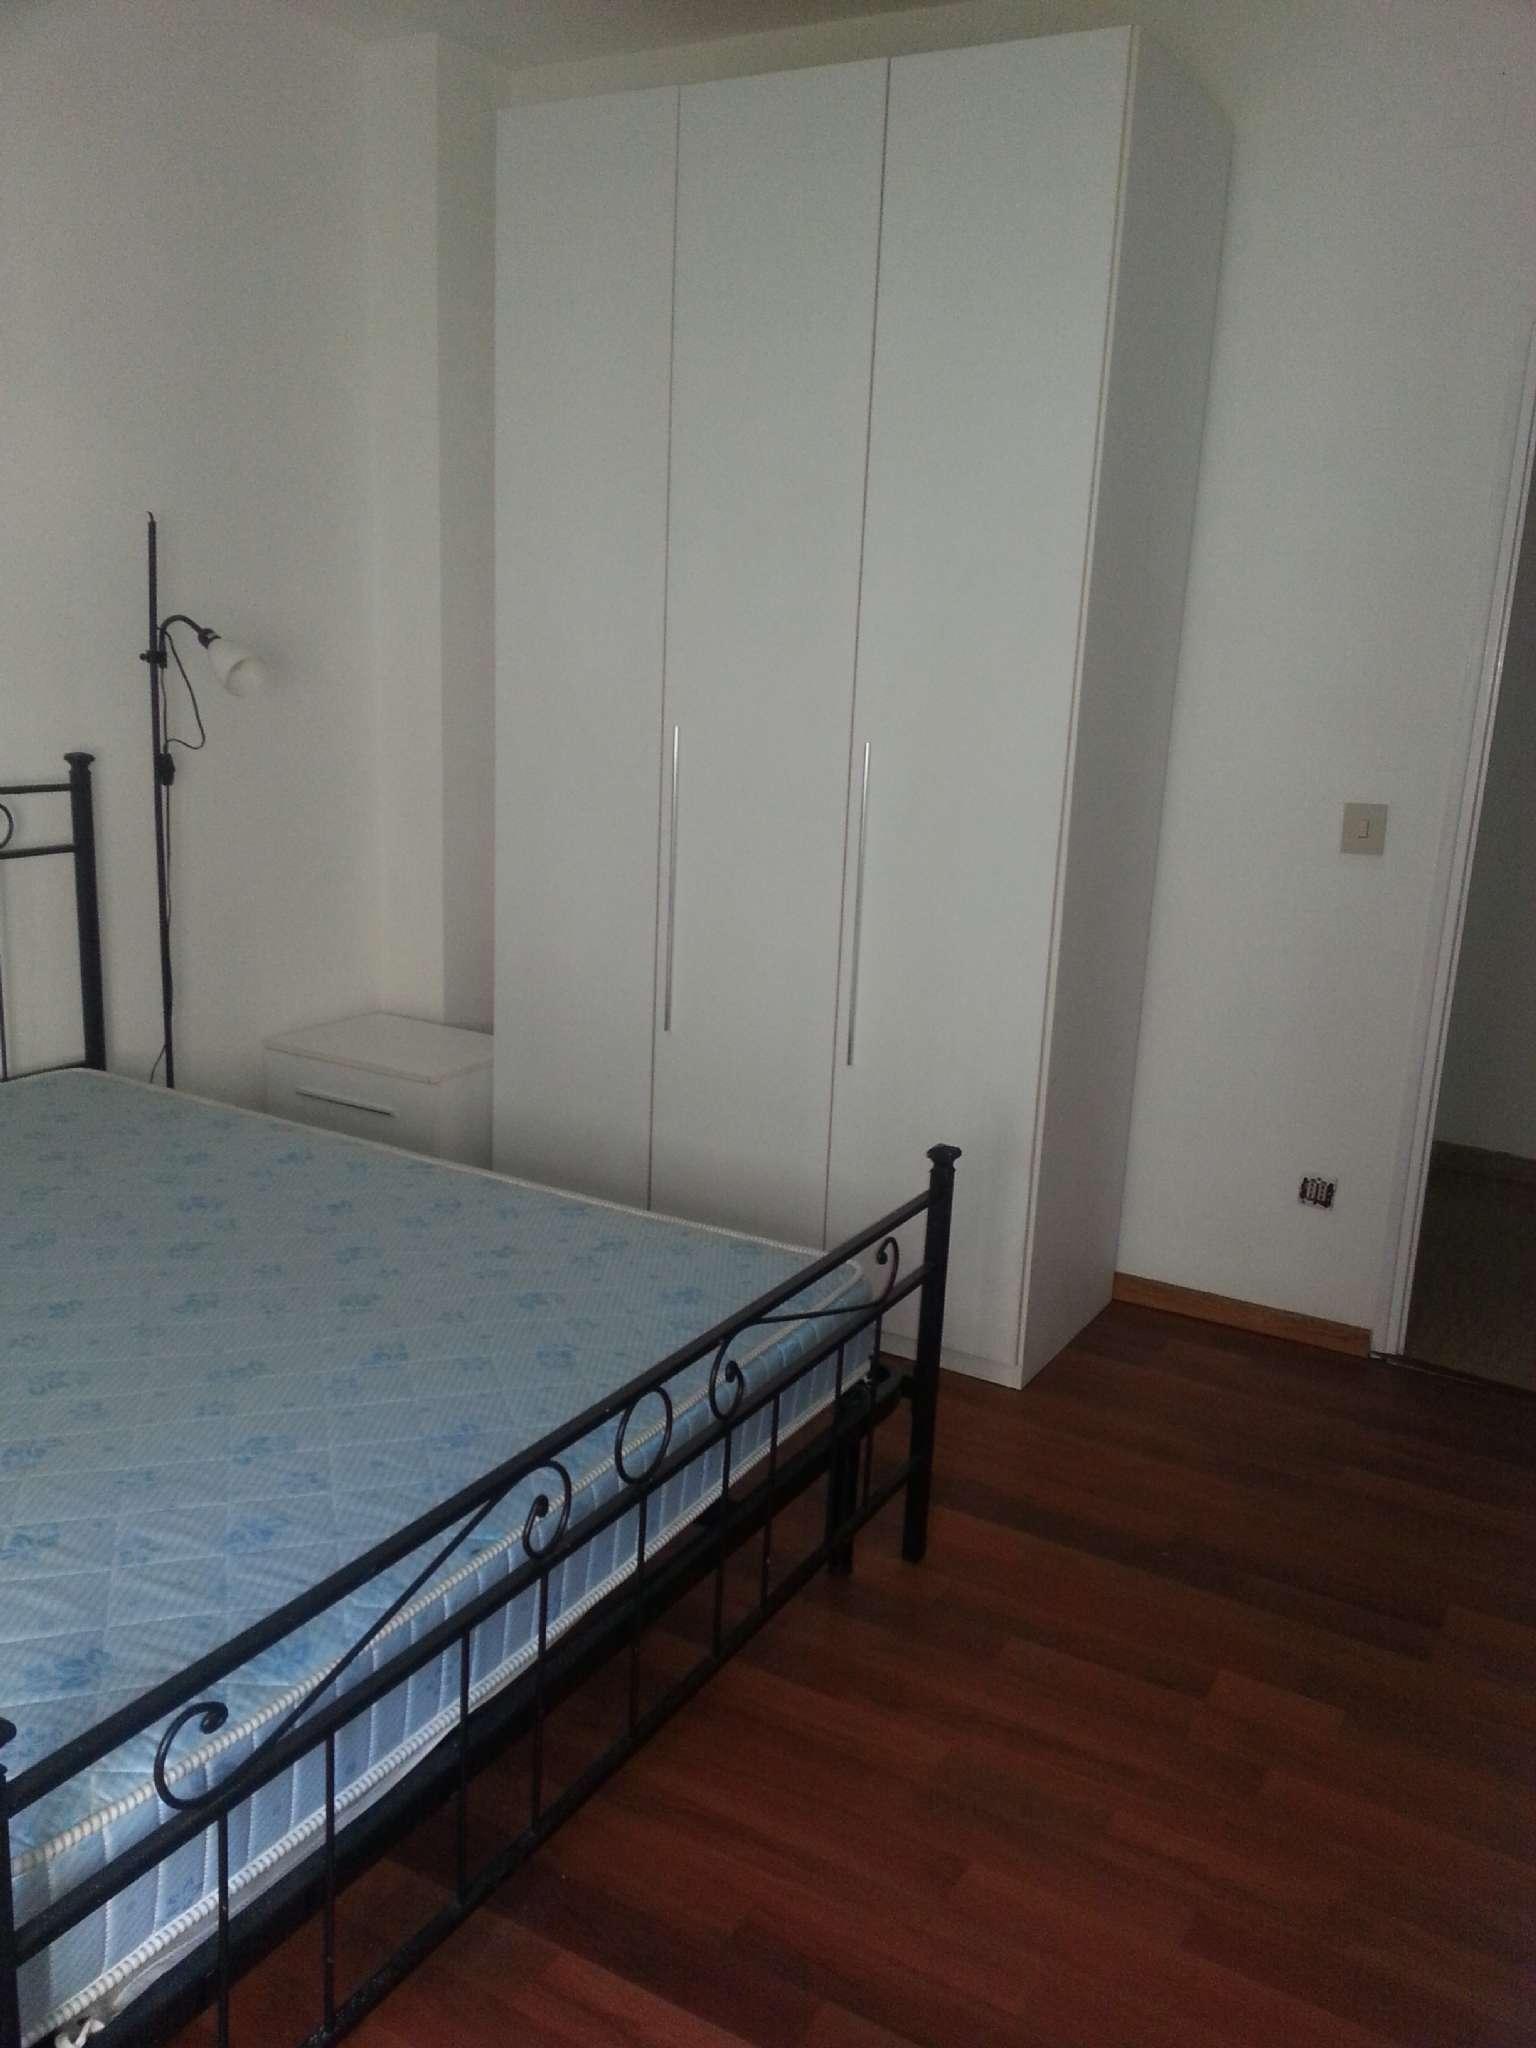 Appartamento in affitto a Venezia, 4 locali, zona Zona: 11 . Mestre, prezzo € 550 | CambioCasa.it